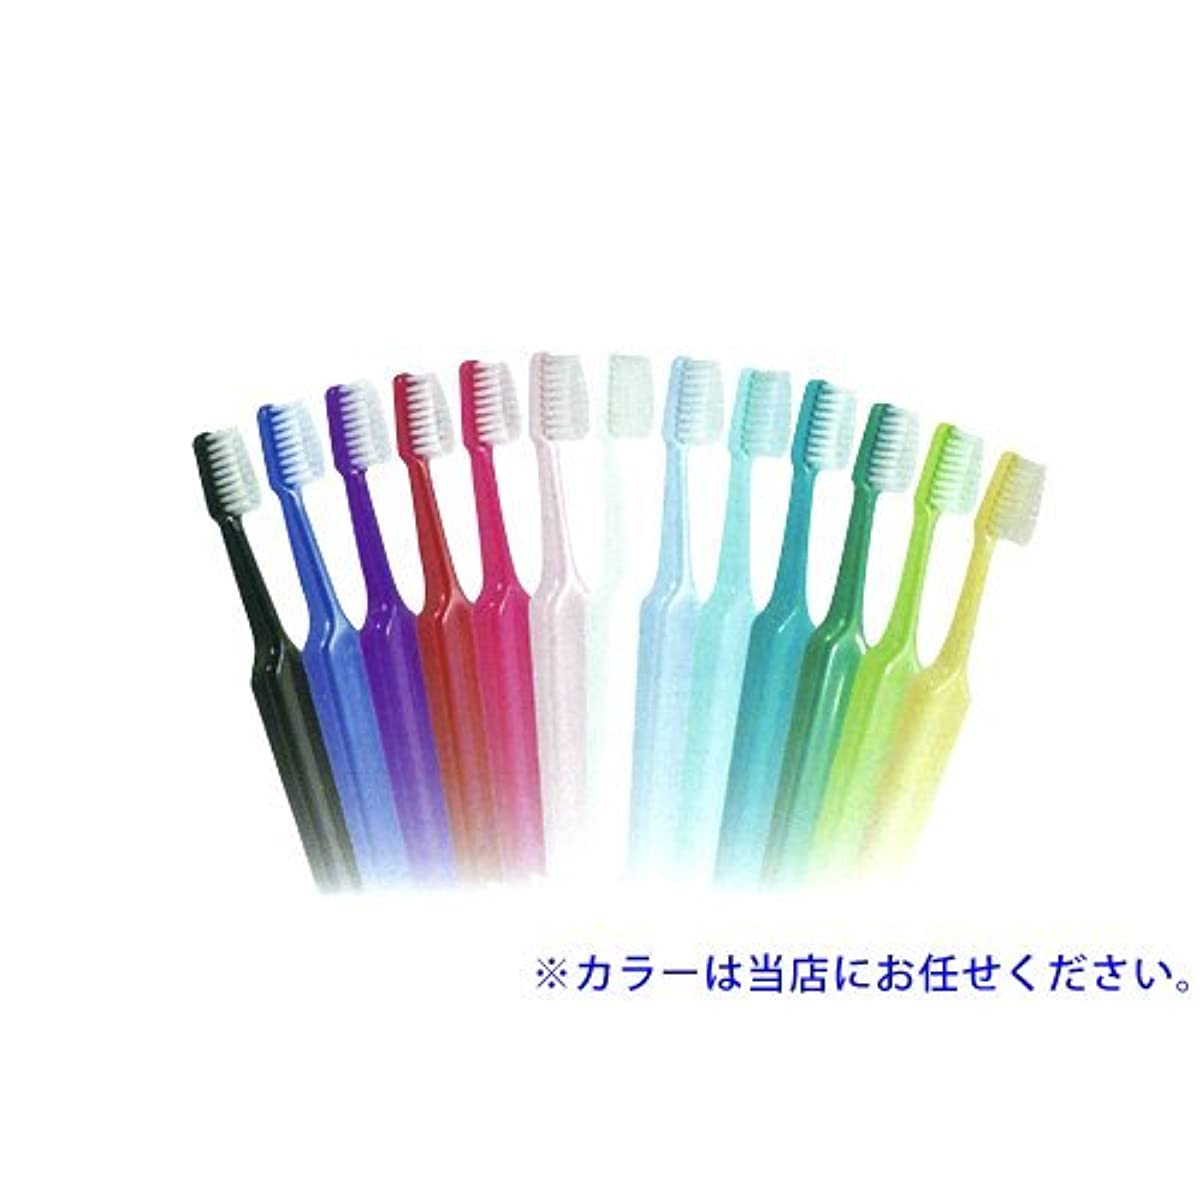 嬉しいですリファインサービスクロスフィールド TePe テペ セレクトミニ 歯ブラシ 1本 ソフト